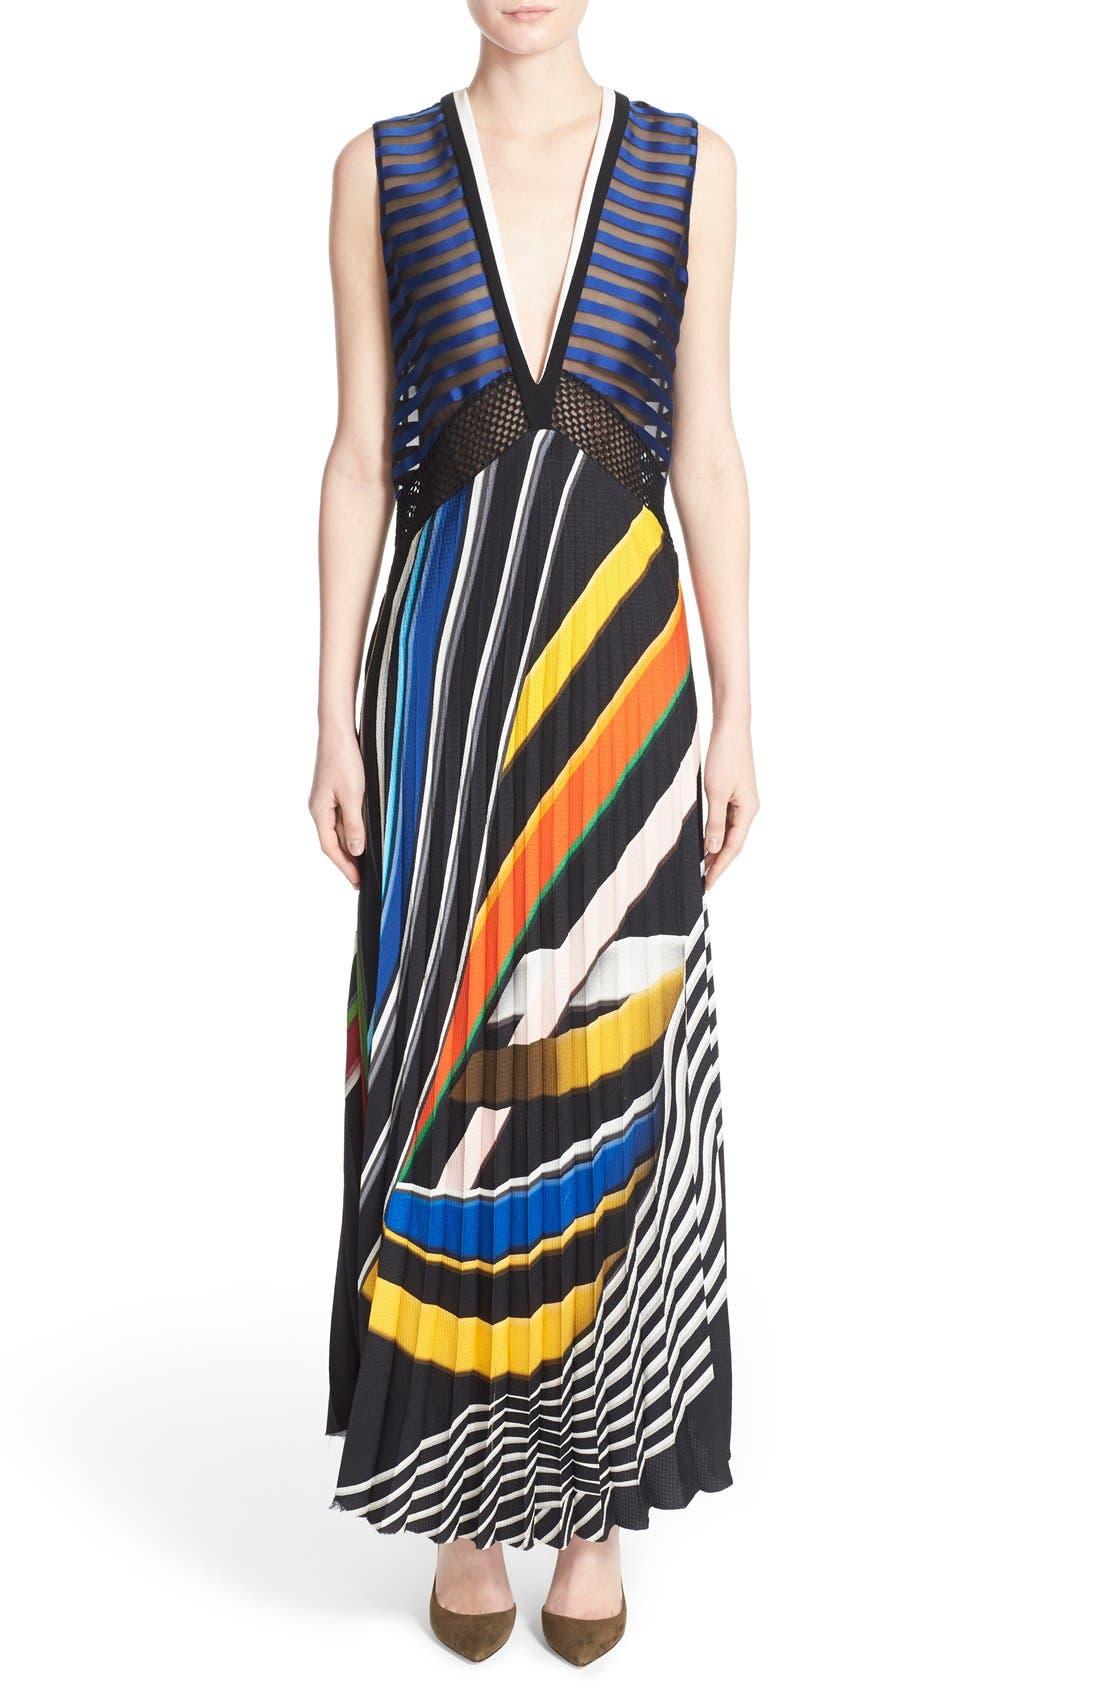 Main Image - Mary Katrantzou 'Rindi' V Neck Satin Dress